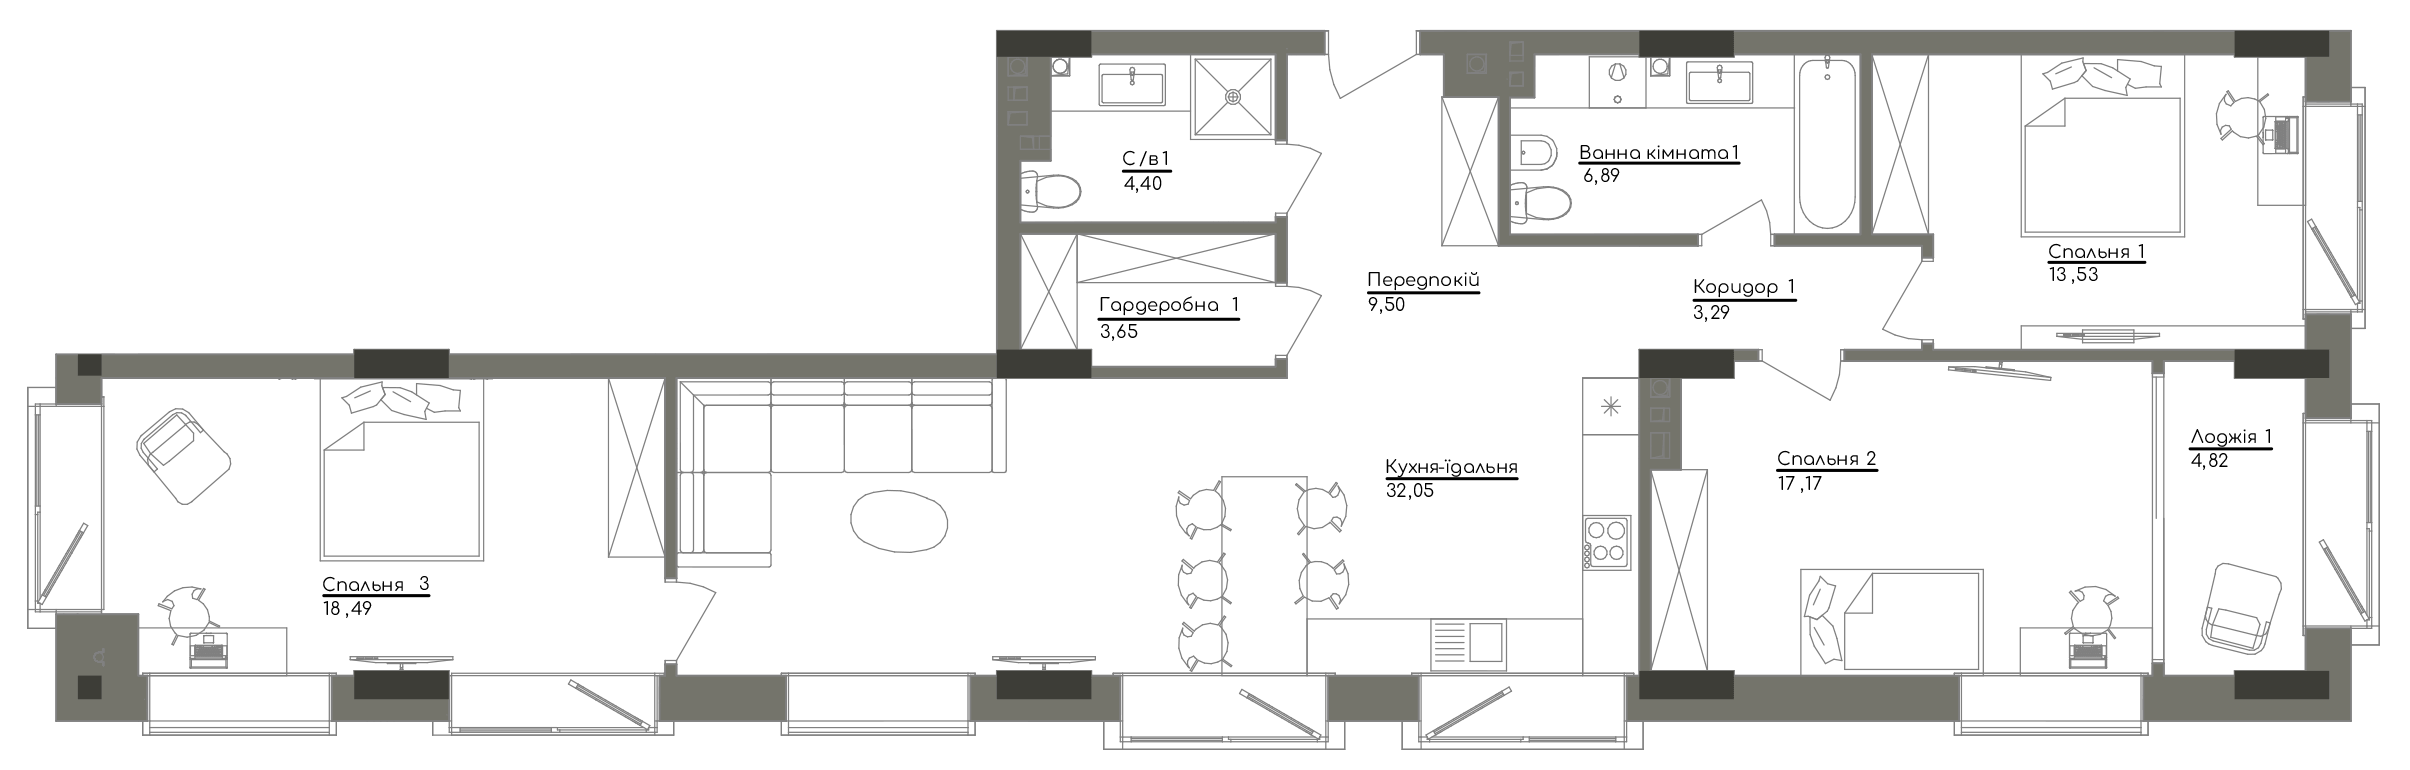 Квартира KV_10_3A_1_1_1